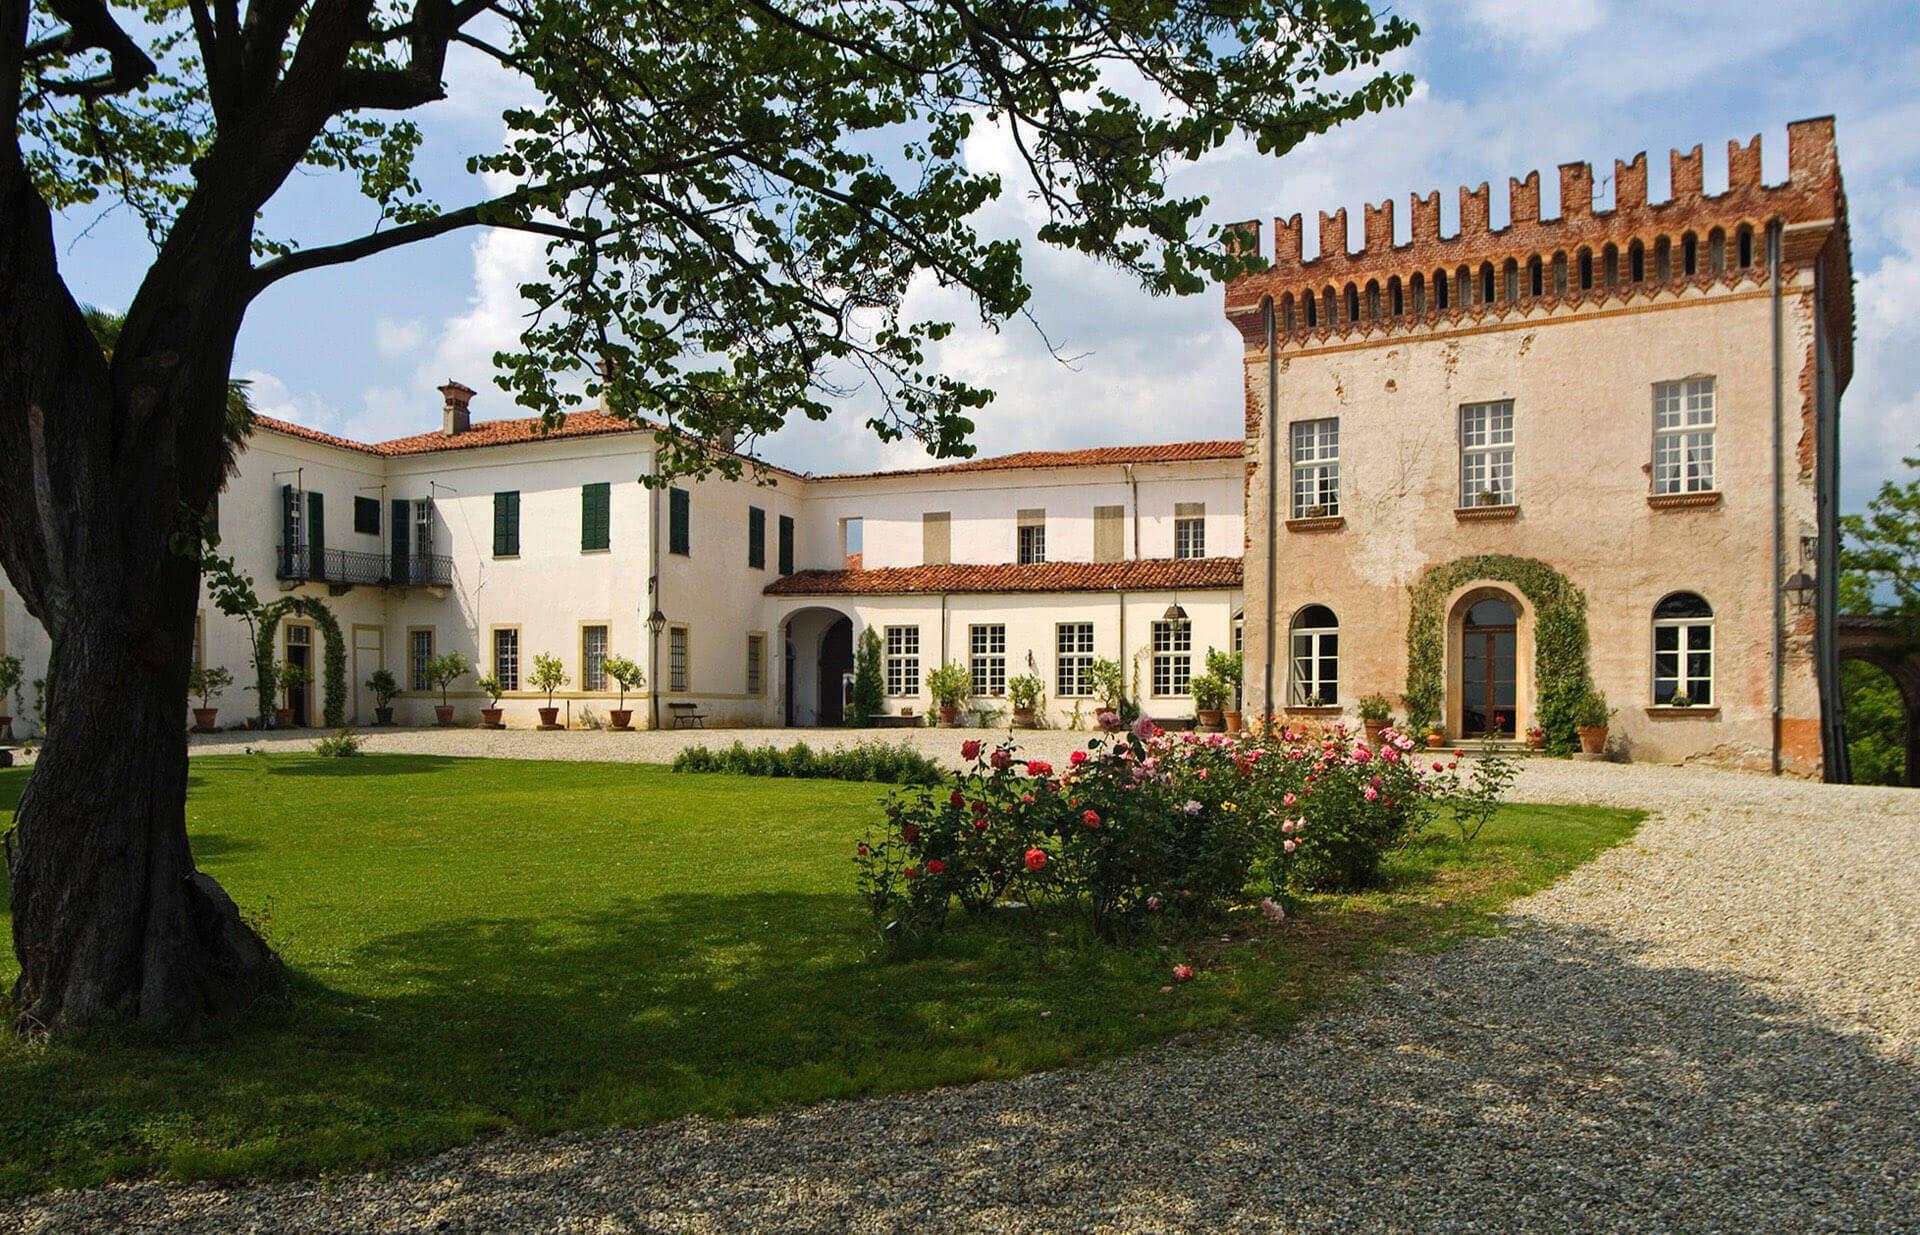 Castello Castellamonte Welcome to the Castle